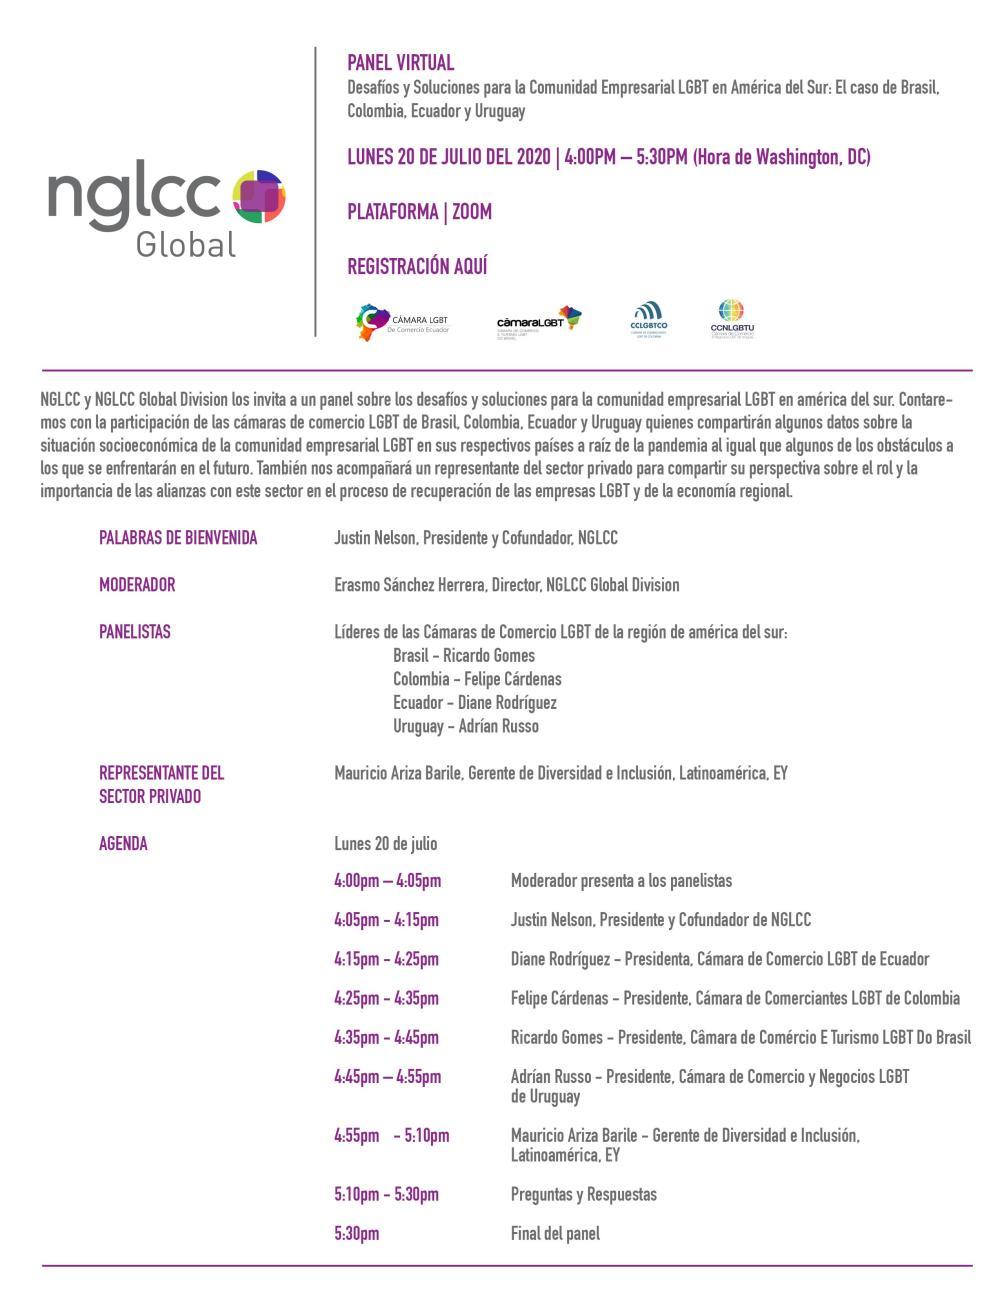 Panel Virtual - Desafíos y Soluciones para la Comunidad Empresarial LGBT en América del Sur El caso de Brasil, Ecuador, Colombia - NGLCC - Camara LGBT Comercio Ecuador CCLGBTEC